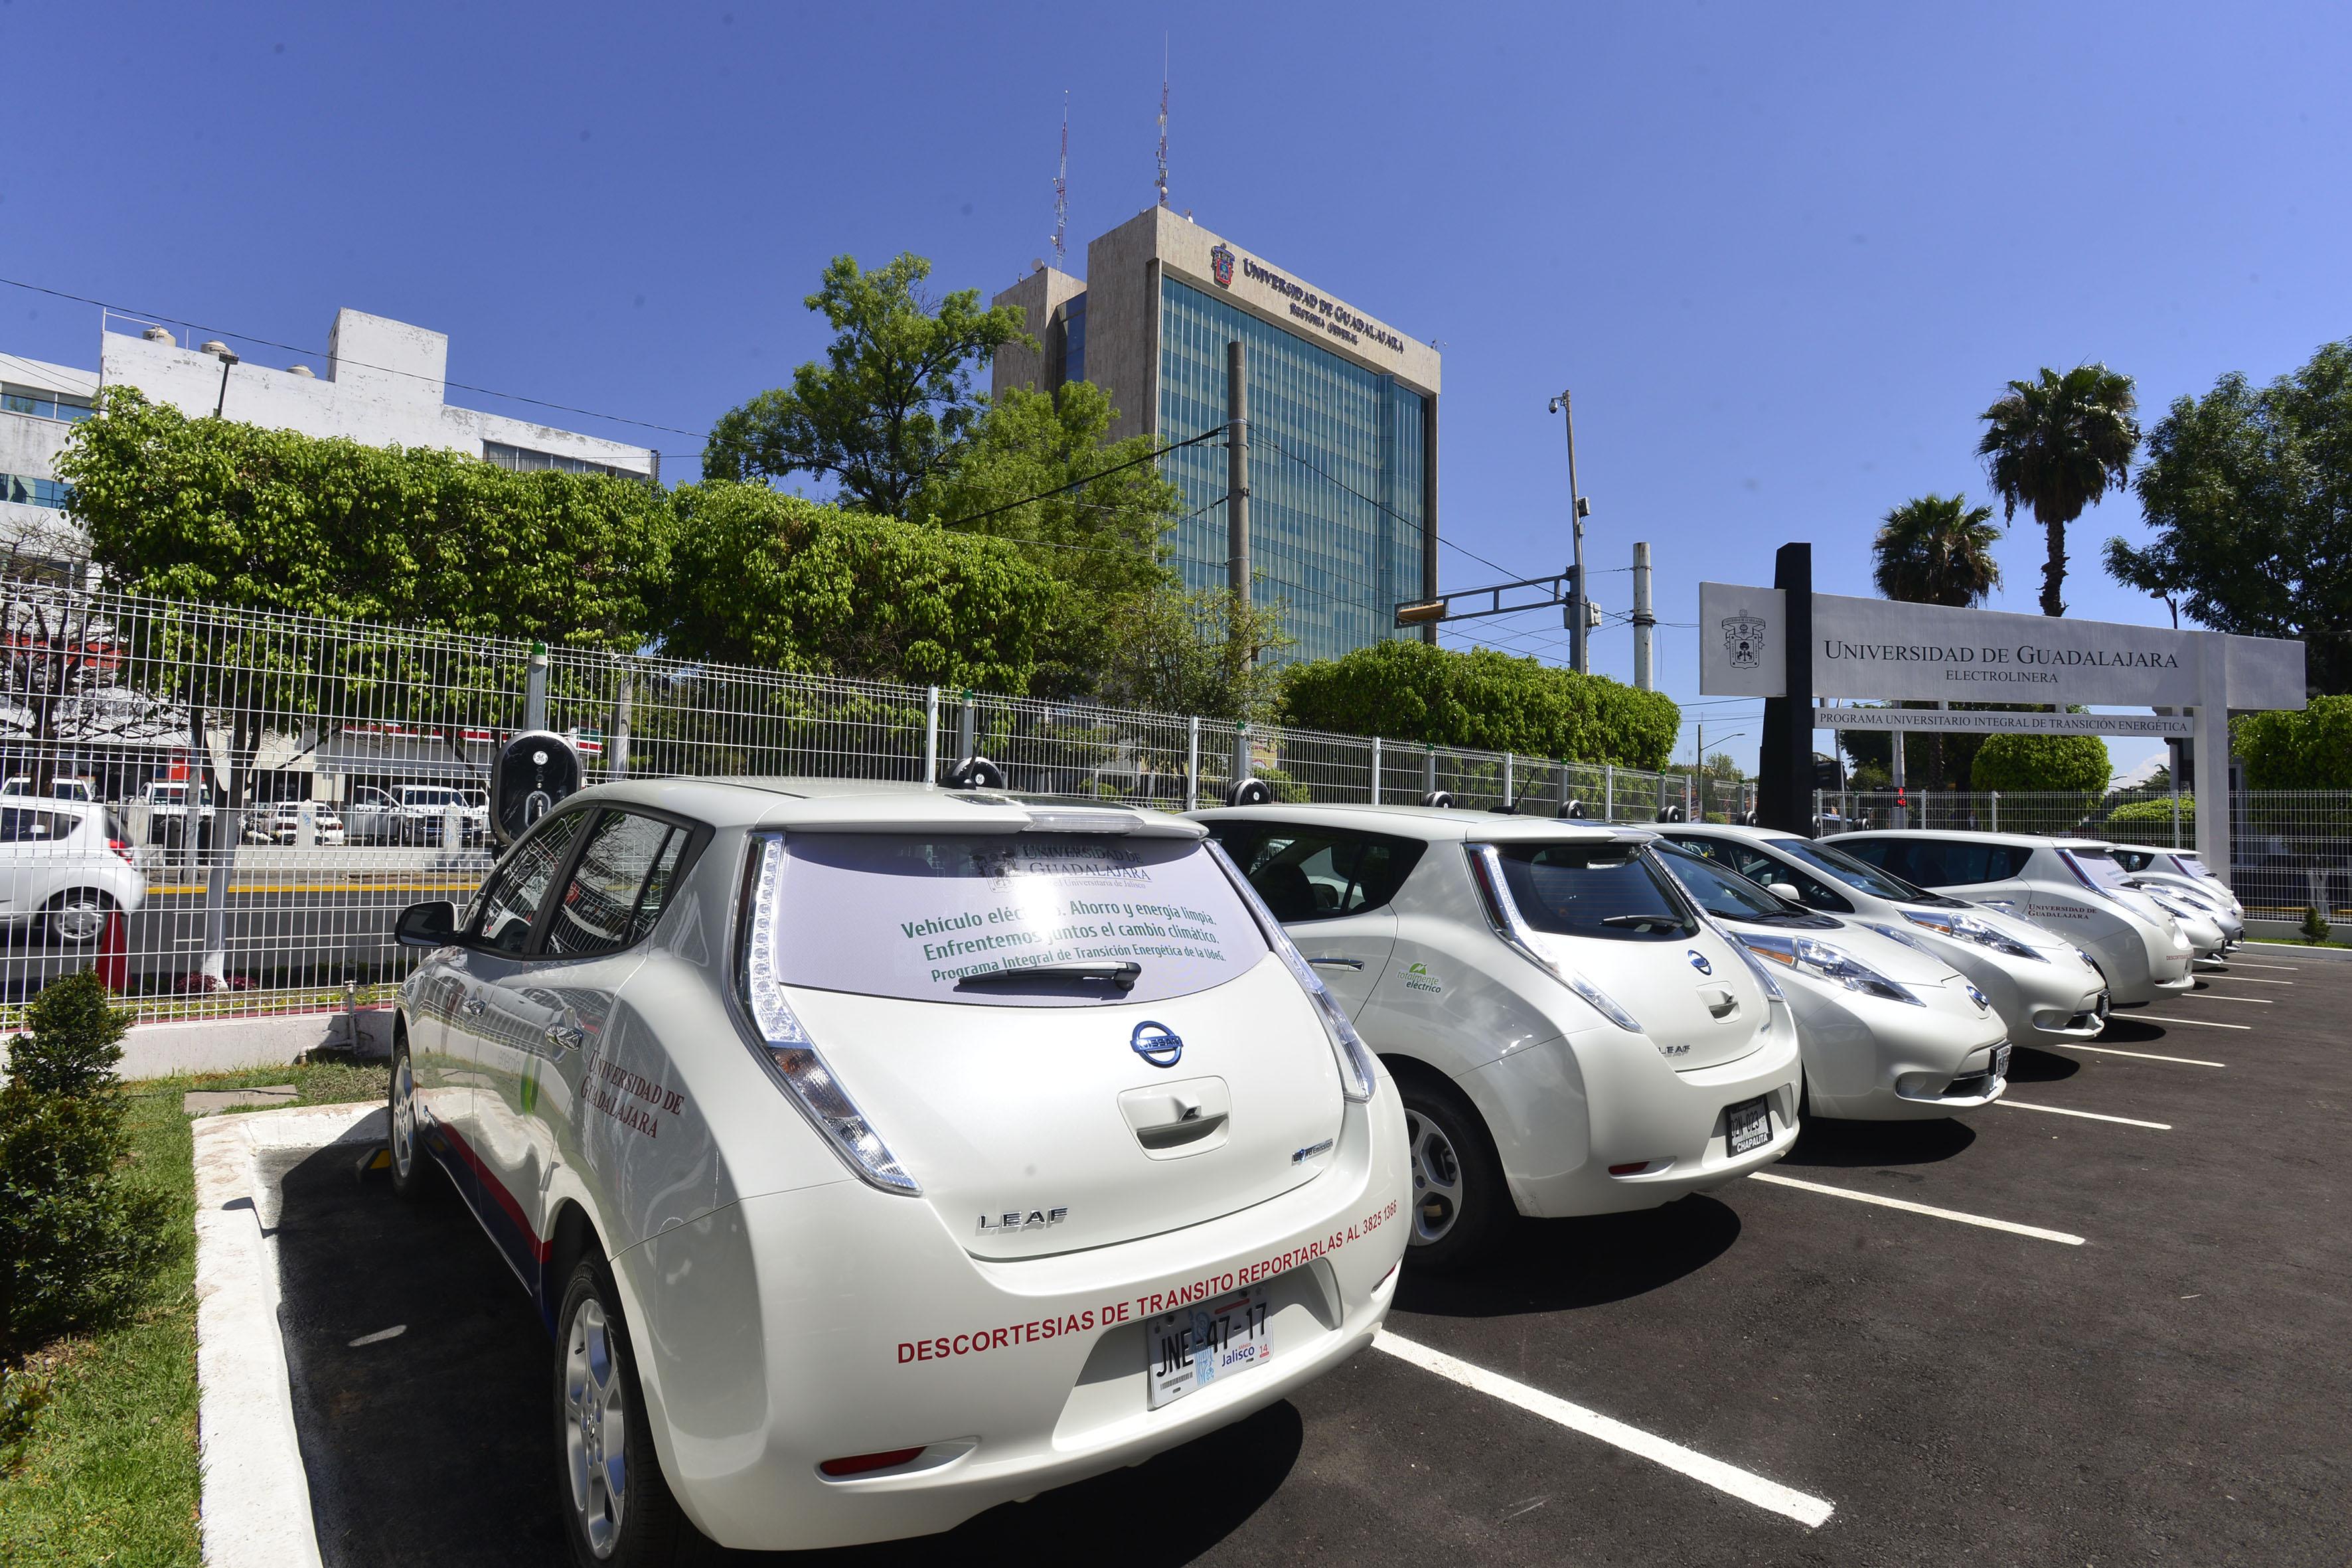 Nuevos autos ecológicos adquiridos por la Universidad de Guadalajara, como parte del Programa Universitario Integral de Transición Energética (PUITE).